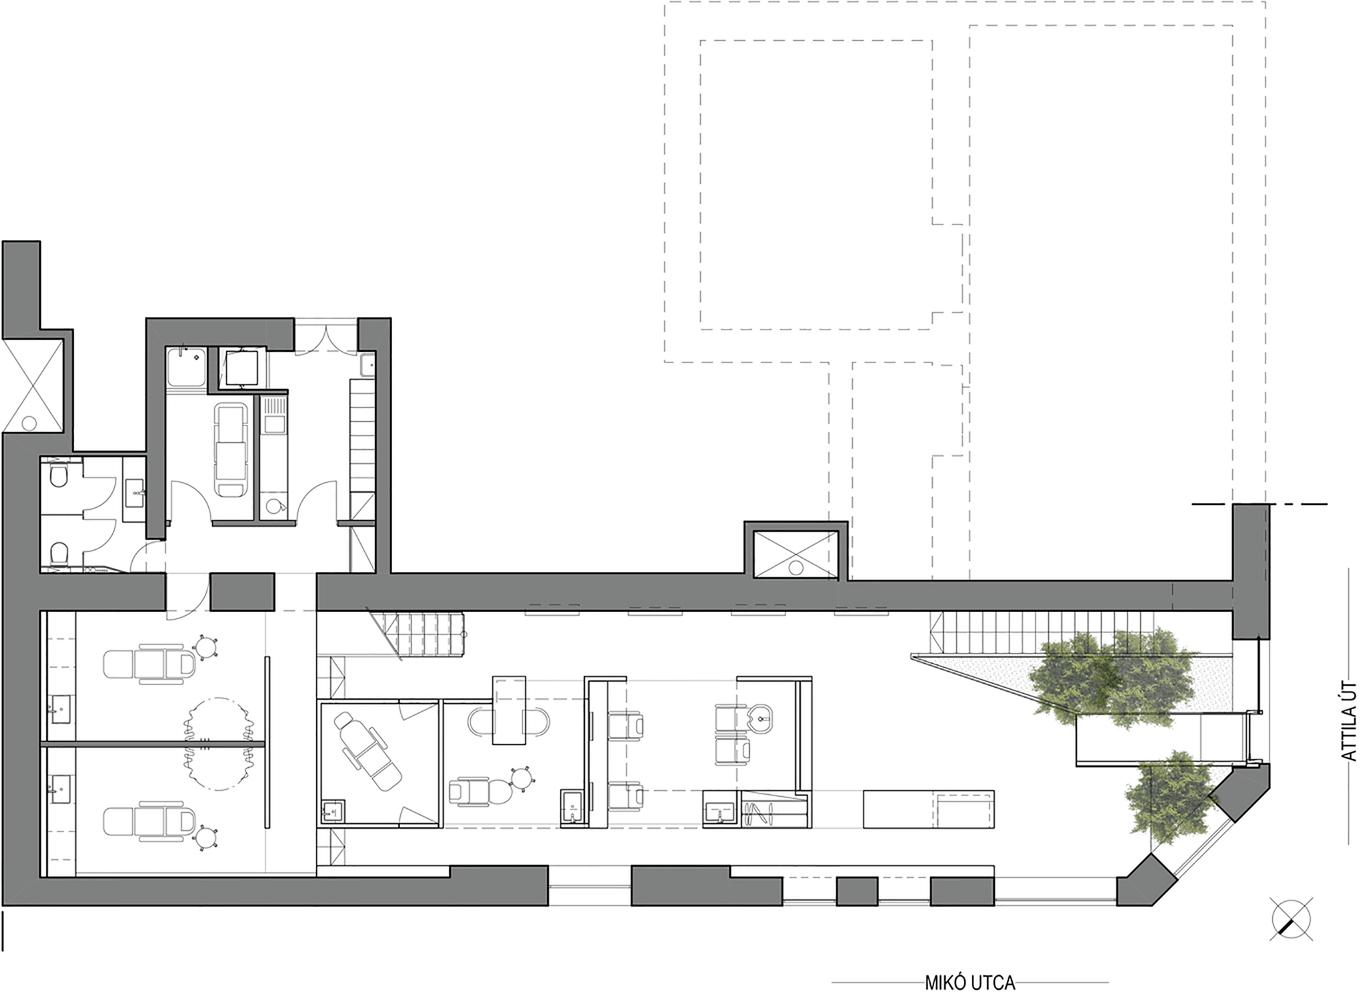 Схема помещения салона красоты